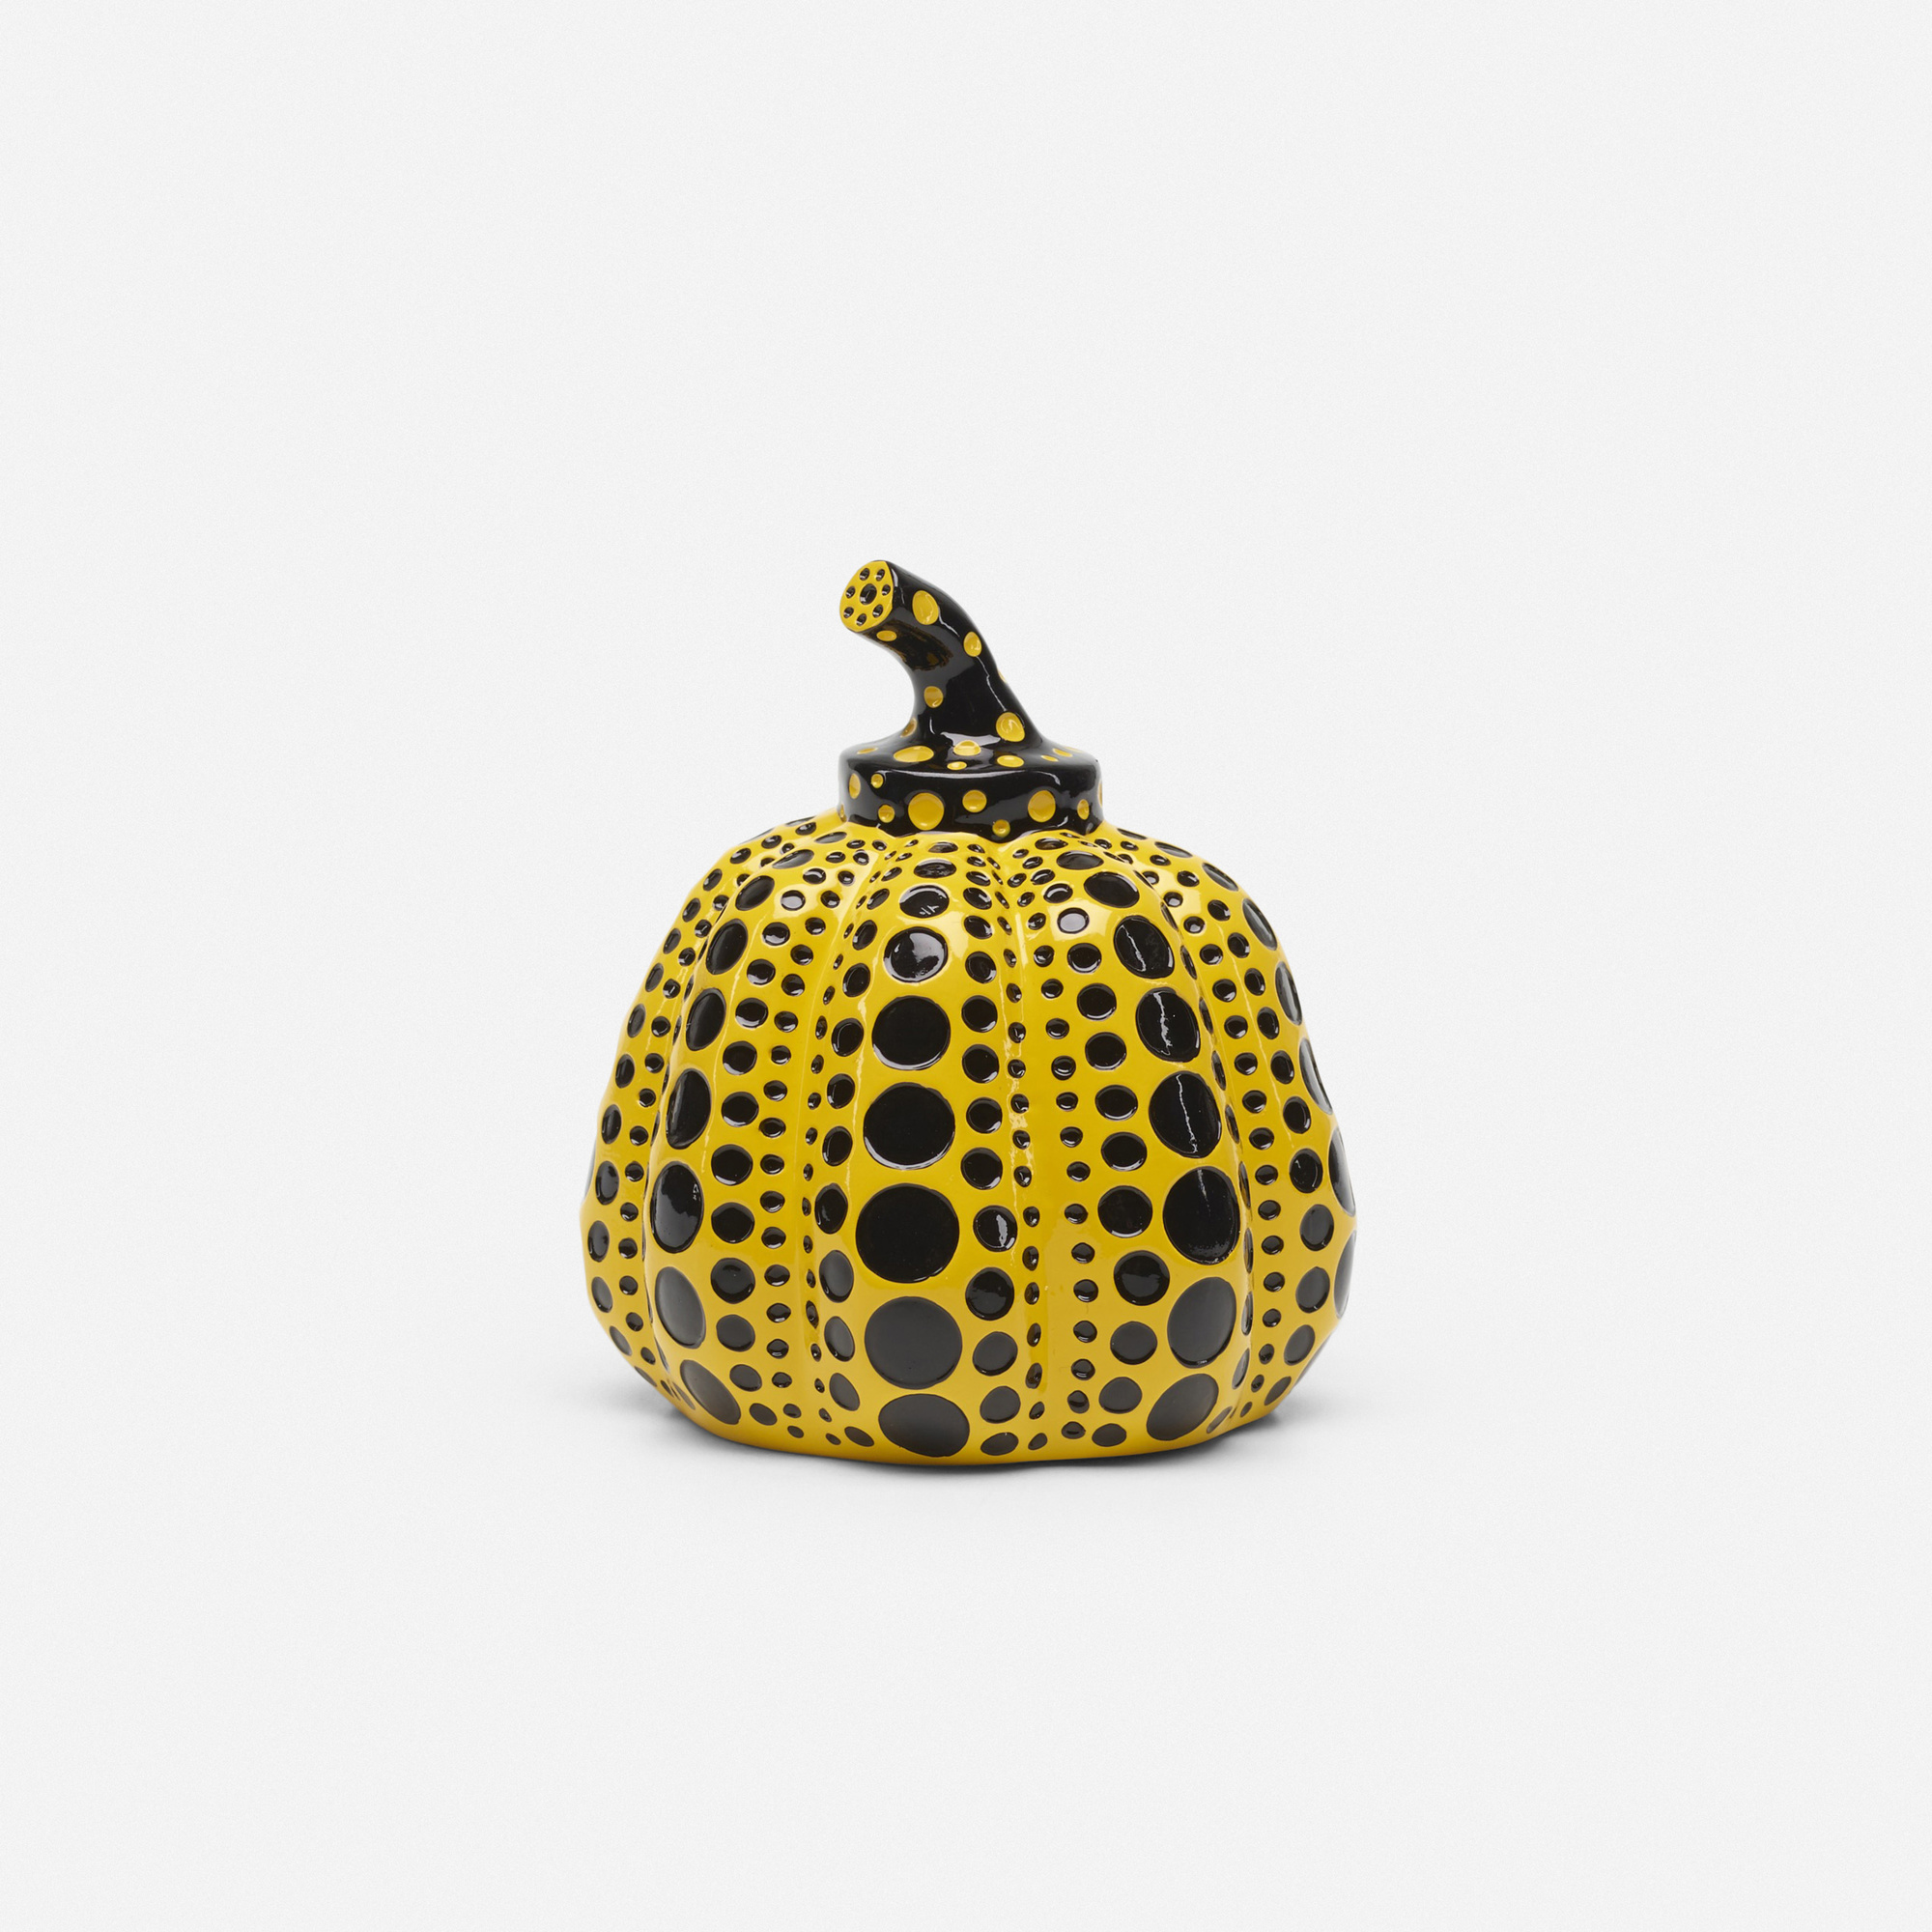 405: Yayoi Kusama / Pumpkin (1 of 2)